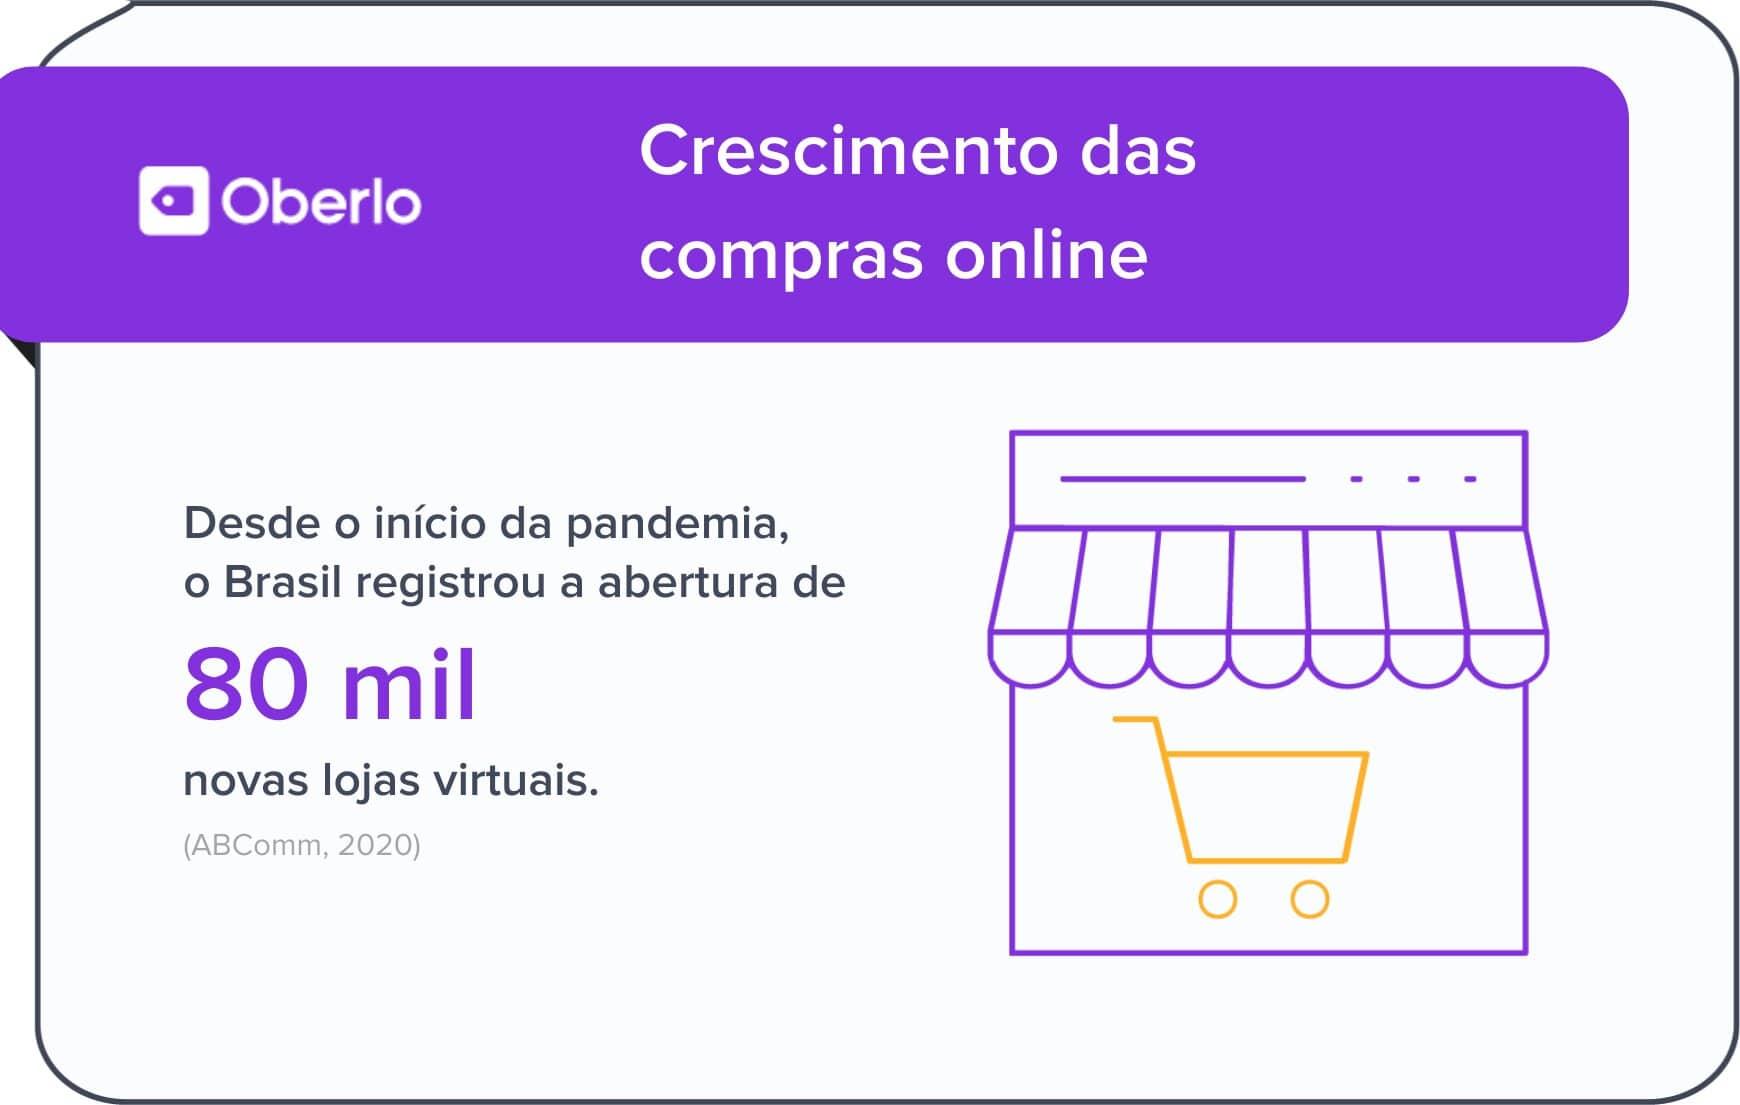 Redes sociais: crescimento das compras online